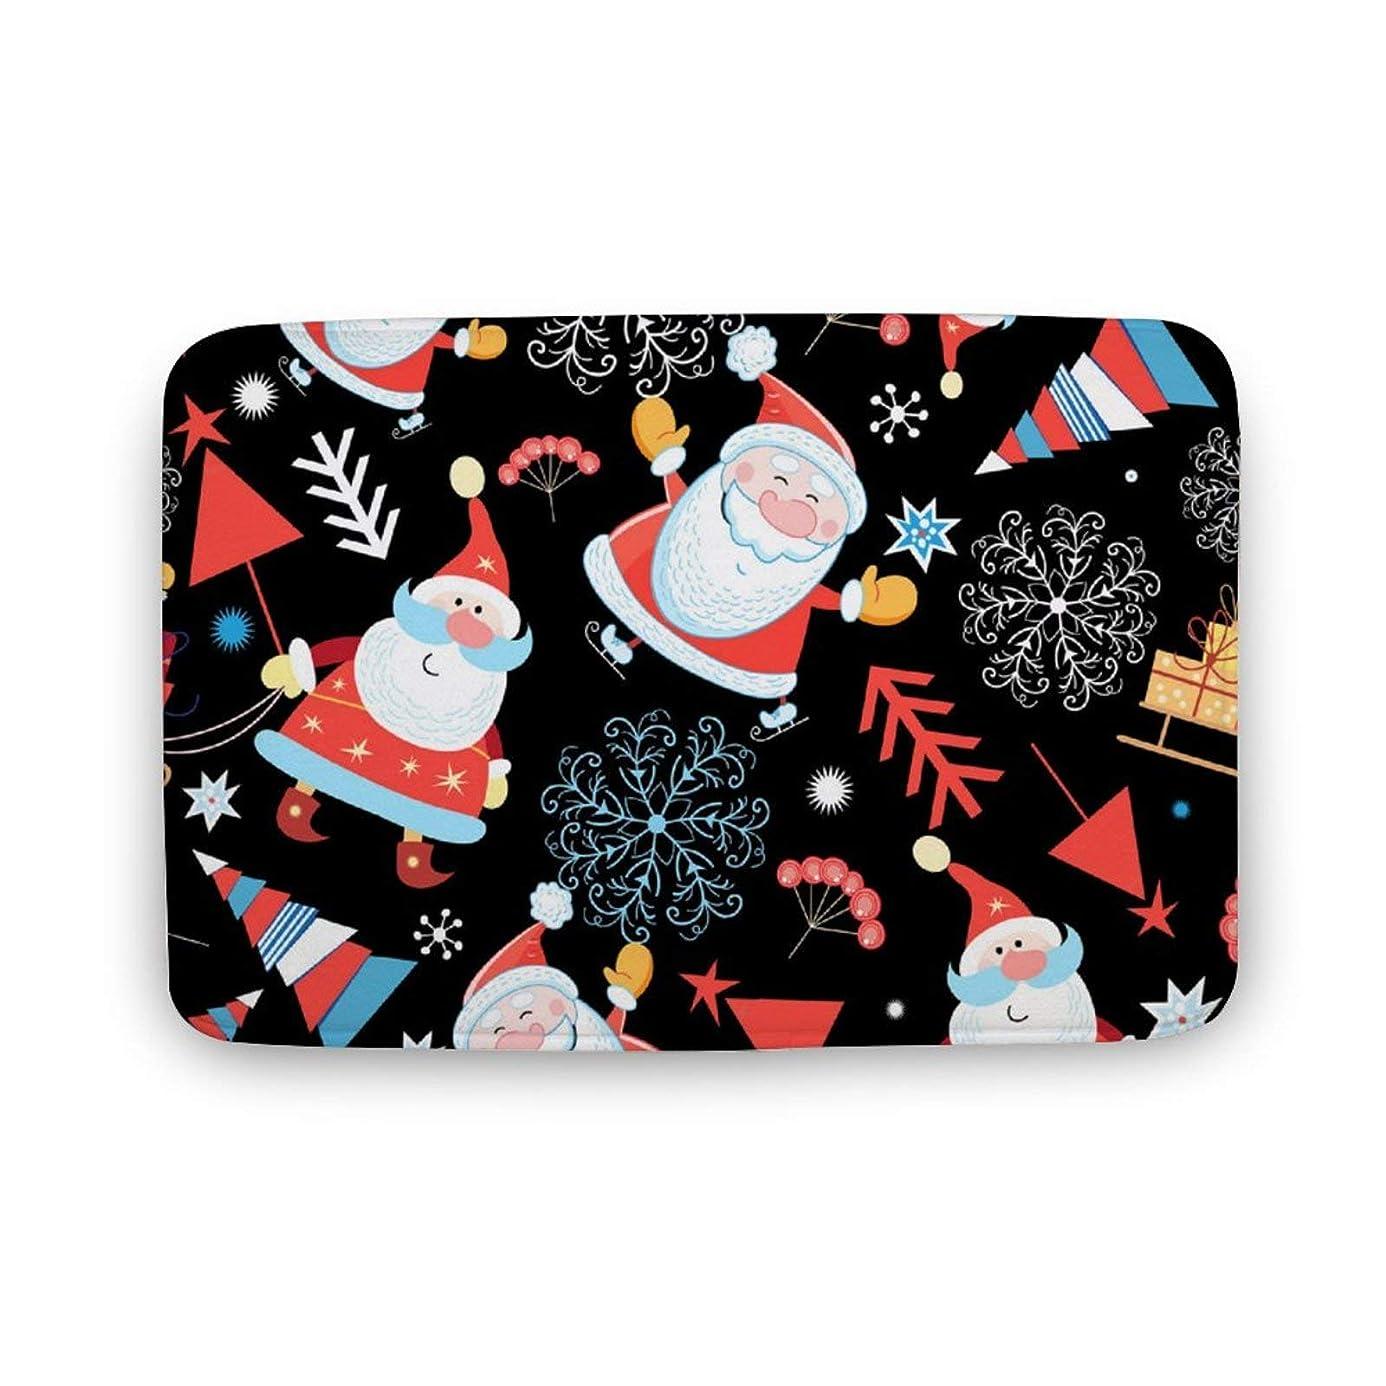 聖職者くびれた発明するサンタクロースとクリスマス ノンスリップドアマット敷物床マット屋内屋外寝室リビングルームキッチン 2サイズ